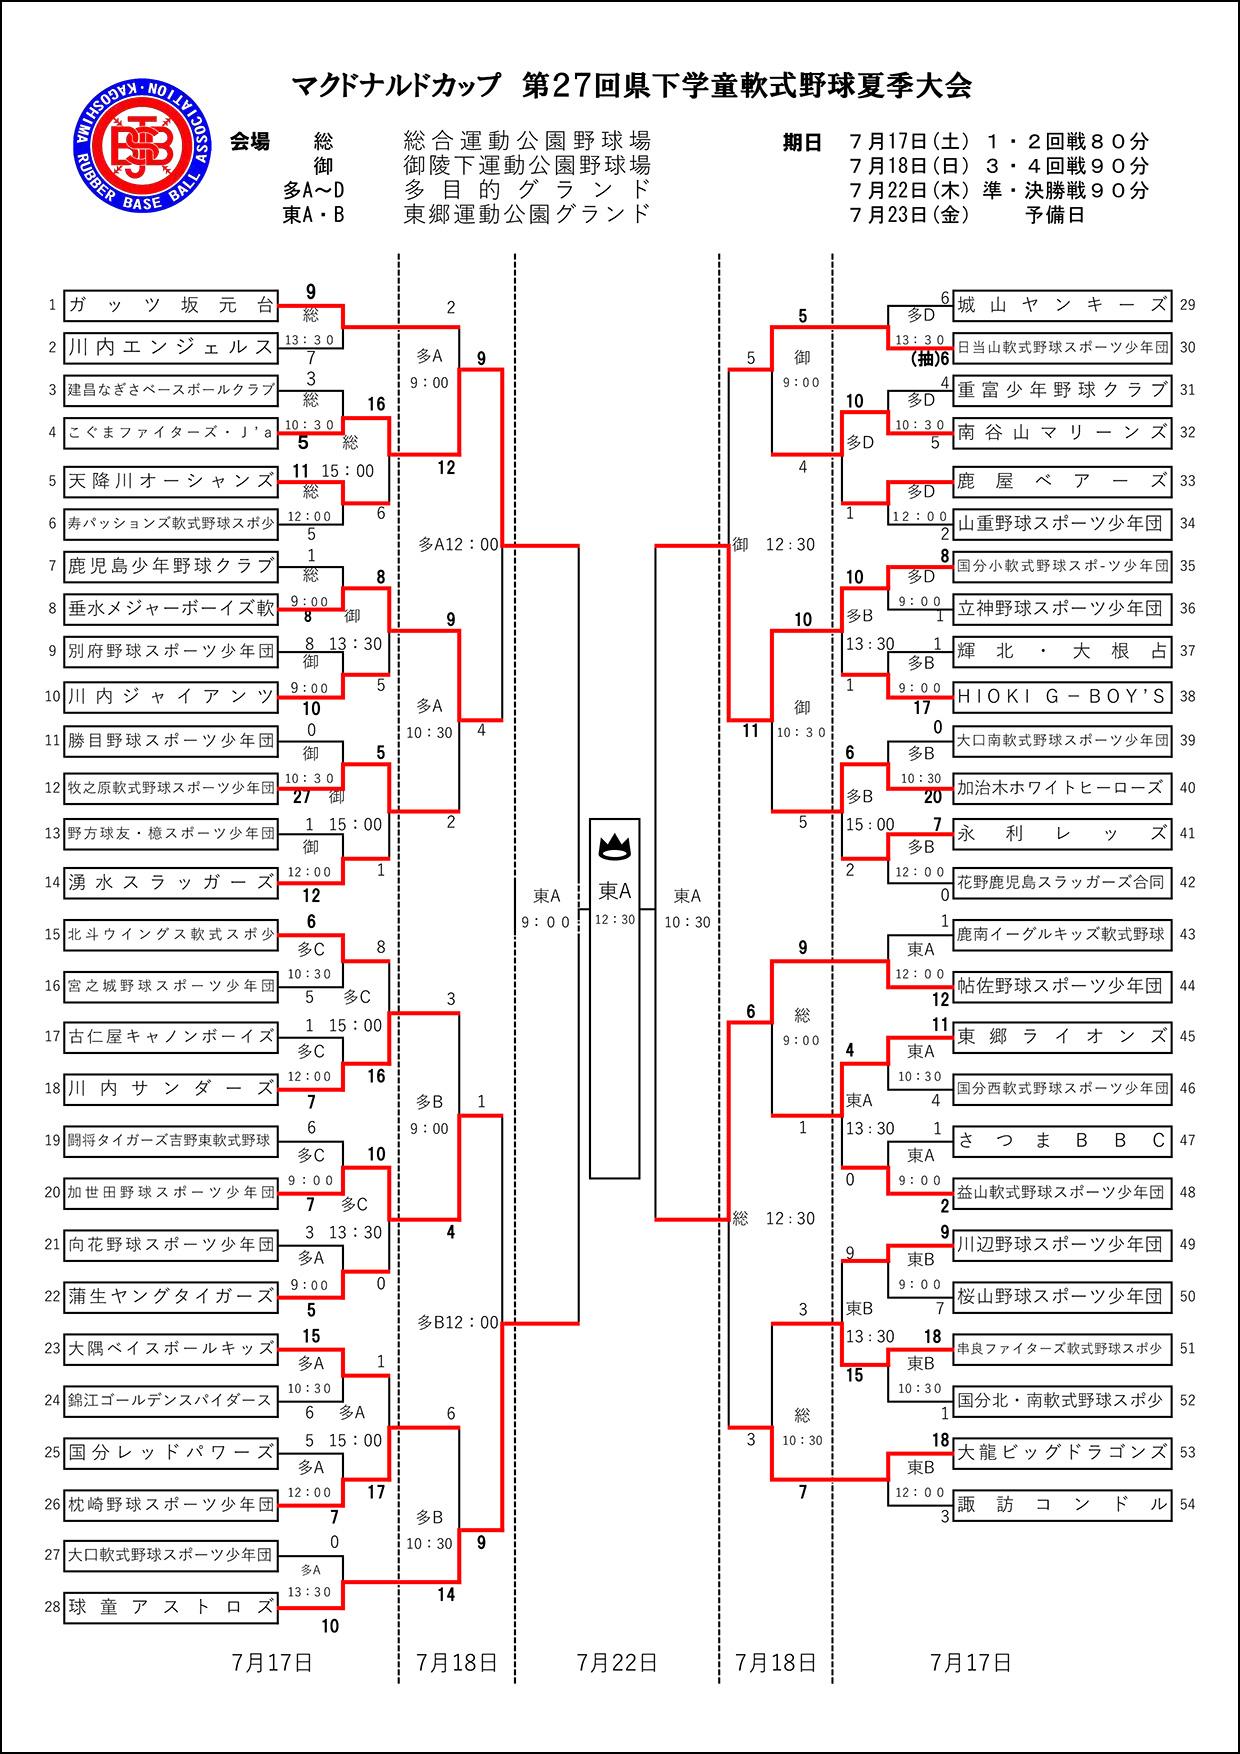 【途中経過】マクドナルドカップ 第27回県下学童軟式野球夏季大会